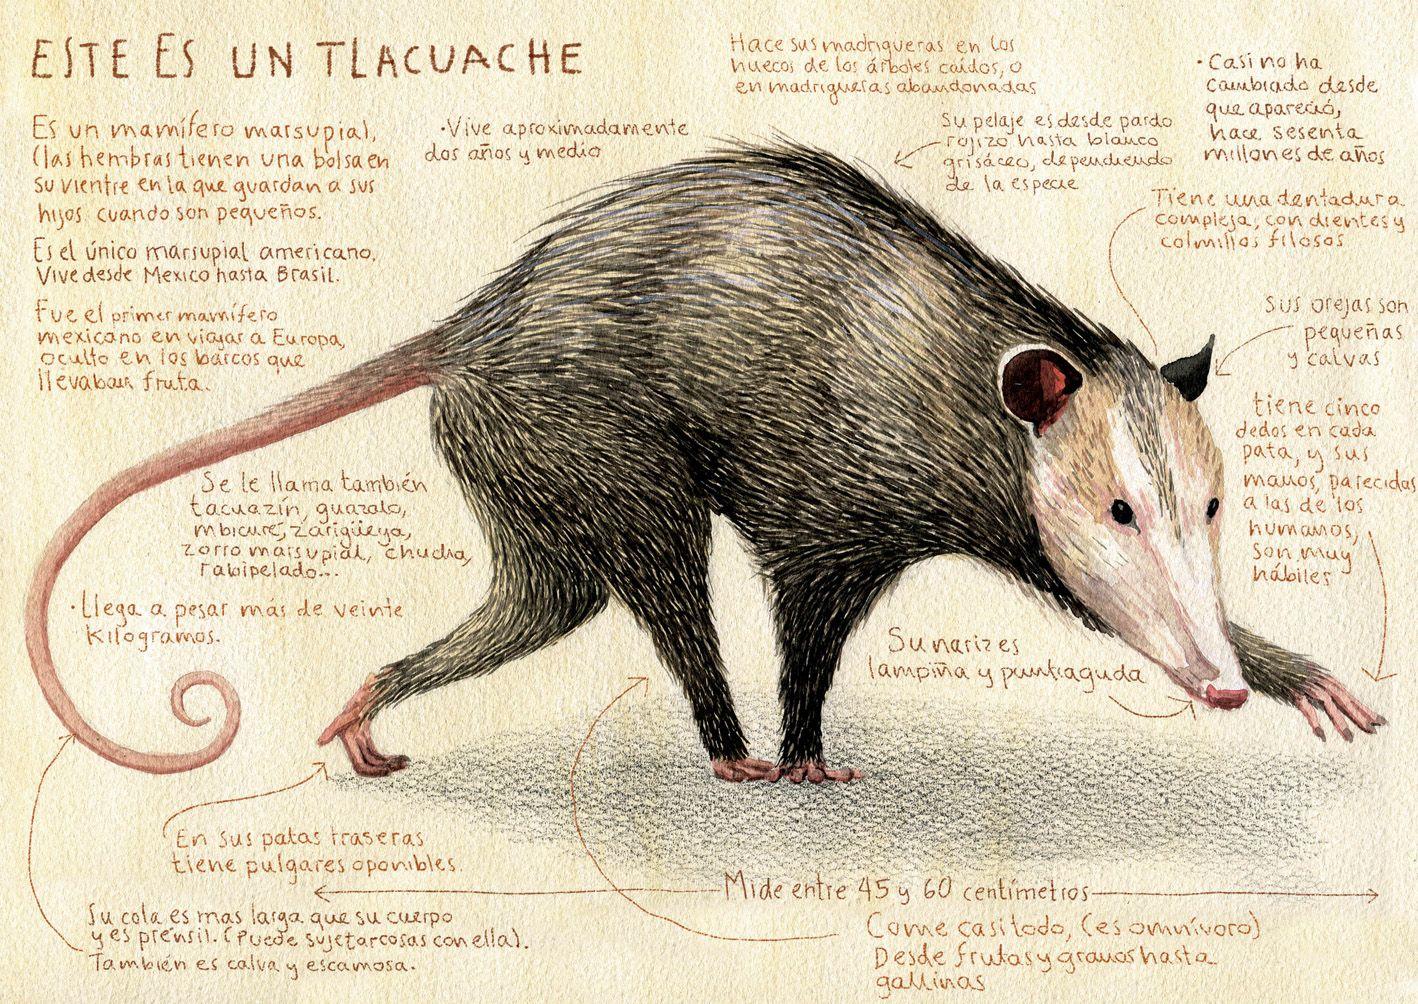 El Titulo Provisional El Tlacuache El Tlacuache Ilustraciones De Animales Juan Palomino